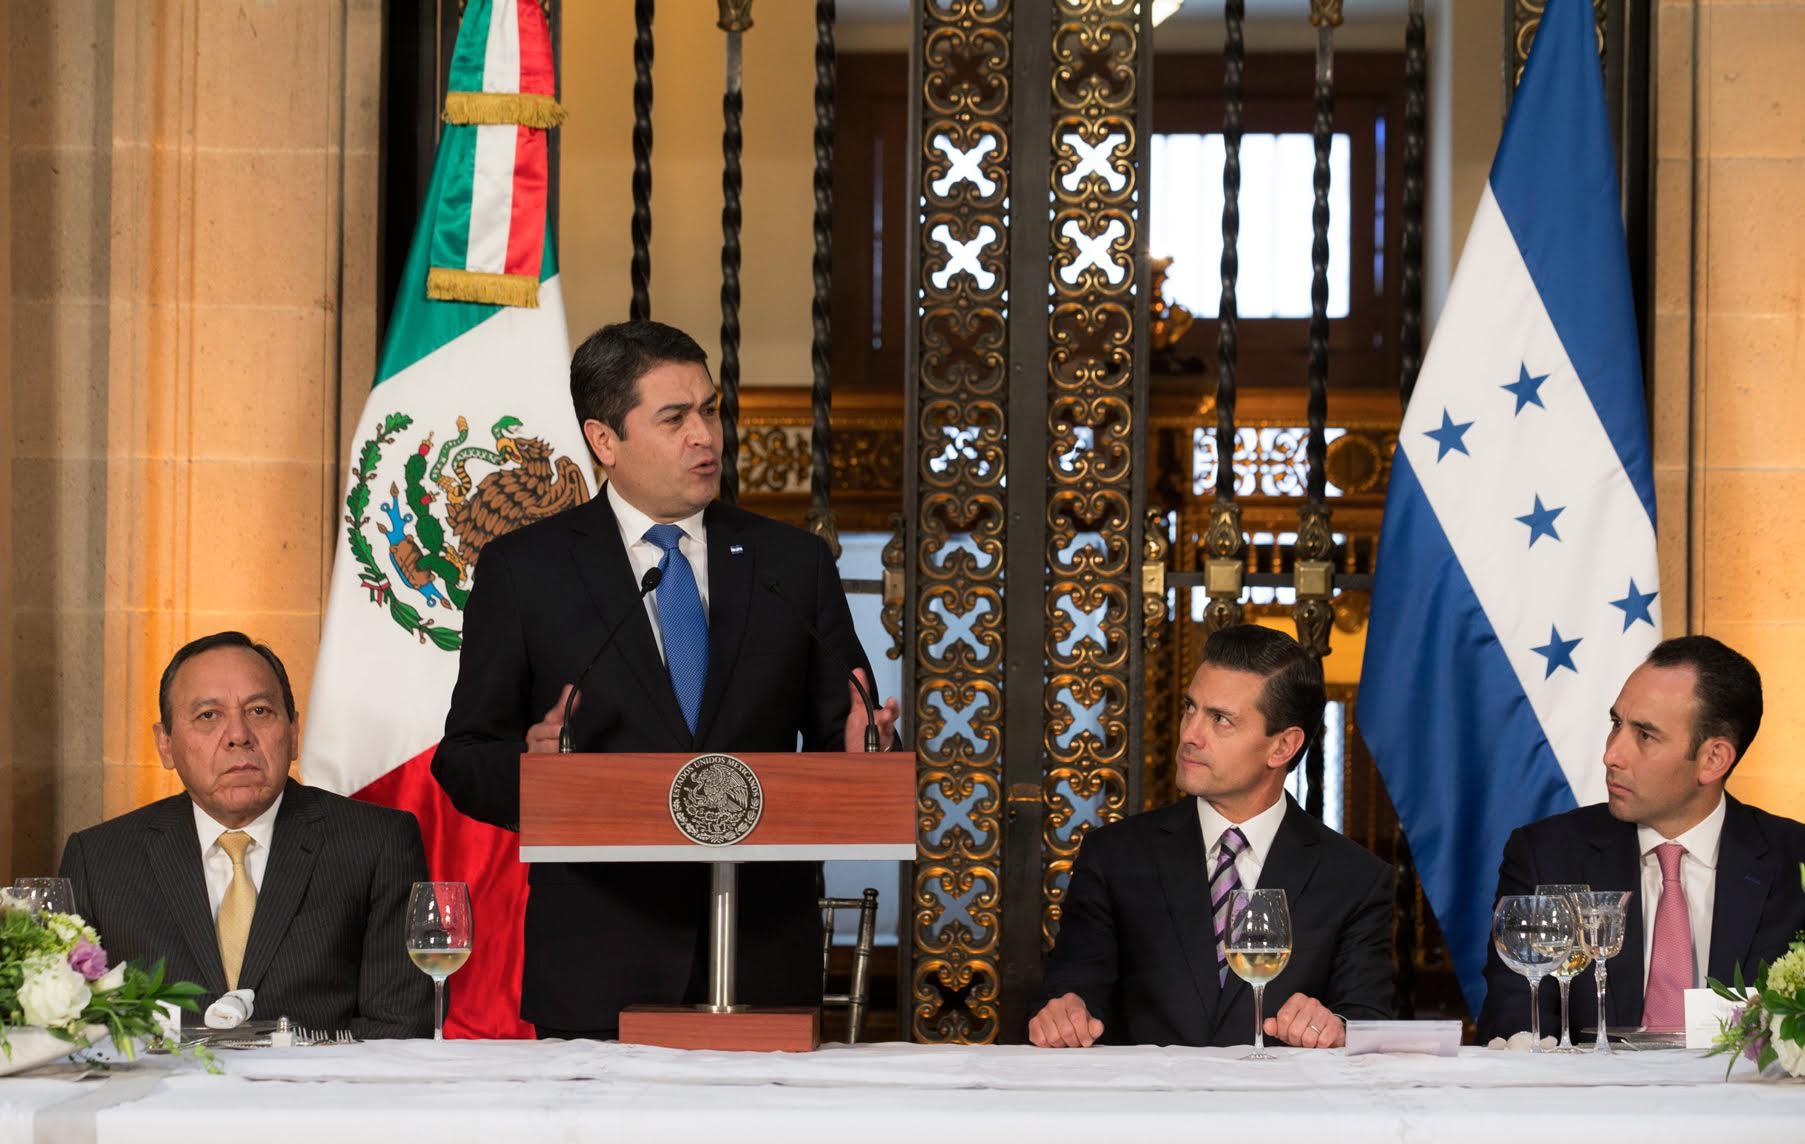 """""""Estoy seguro que no me equivoco al decir que hoy, como muy pocas veces en la historia entre México y Honduras existe un momento especial en nuestra relación"""", dijo el Presidente de Honduras, Juan Orlando Hernández Alvarado."""